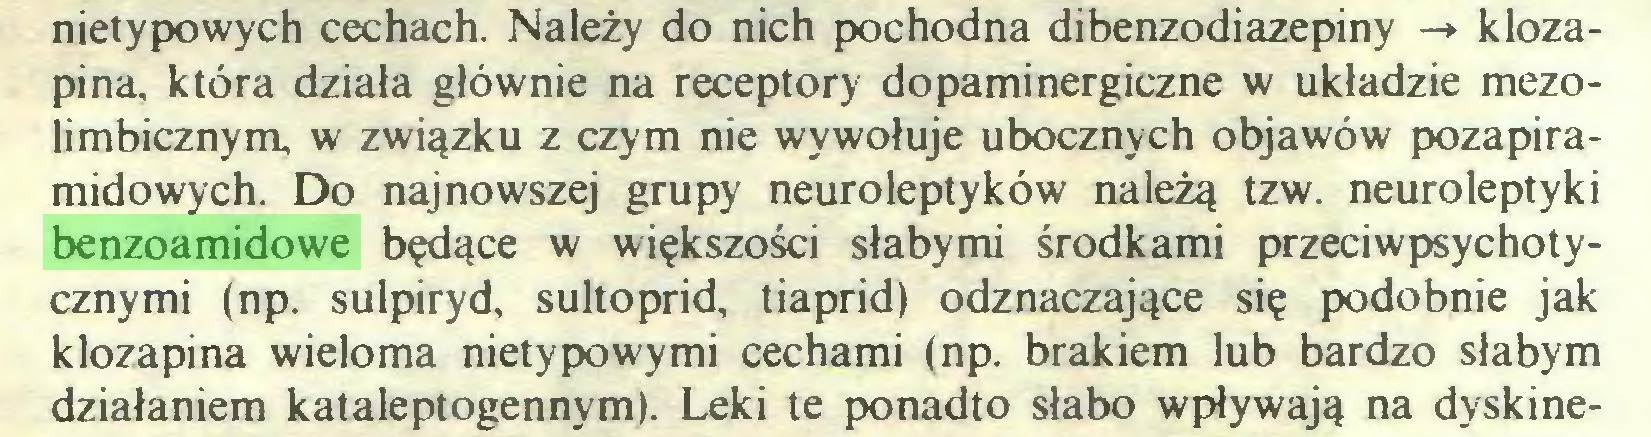 (...) nietypowych cechach. Należy do nich pochodna dibenzodiazepiny -» klozapina, która działa głównie na receptory dopaminergiczne w układzie mezolimbicznym, w związku z czym nie wywołuje ubocznych objawów pozapiramidowych. Do najnowszej grupy neuroleptyków należą tzw. neuroleptyki benzoamidowe będące w większości słabymi środkami przeciwpsychotycznymi (np. sulpiryd, sultoprid, tiaprid) odznaczające się podobnie jak klozapina wieloma nietypowymi cechami (np. brakiem lub bardzo słabym działaniem kataleptogennym). Leki te ponadto słabo wpływają na dyskine...